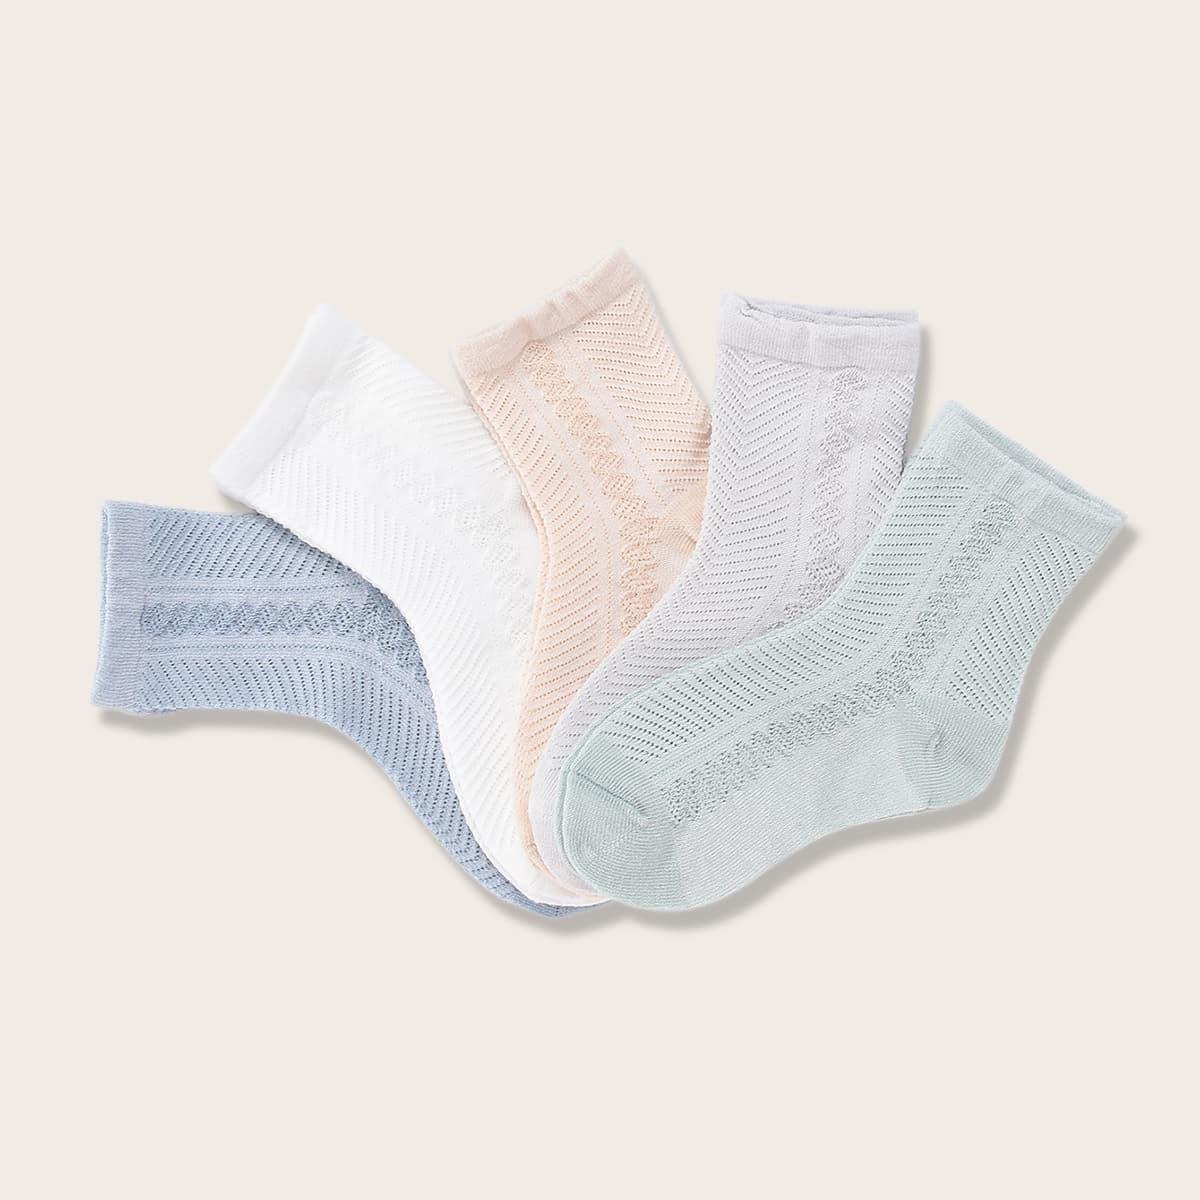 5 пар однотонные носки для девочек фото